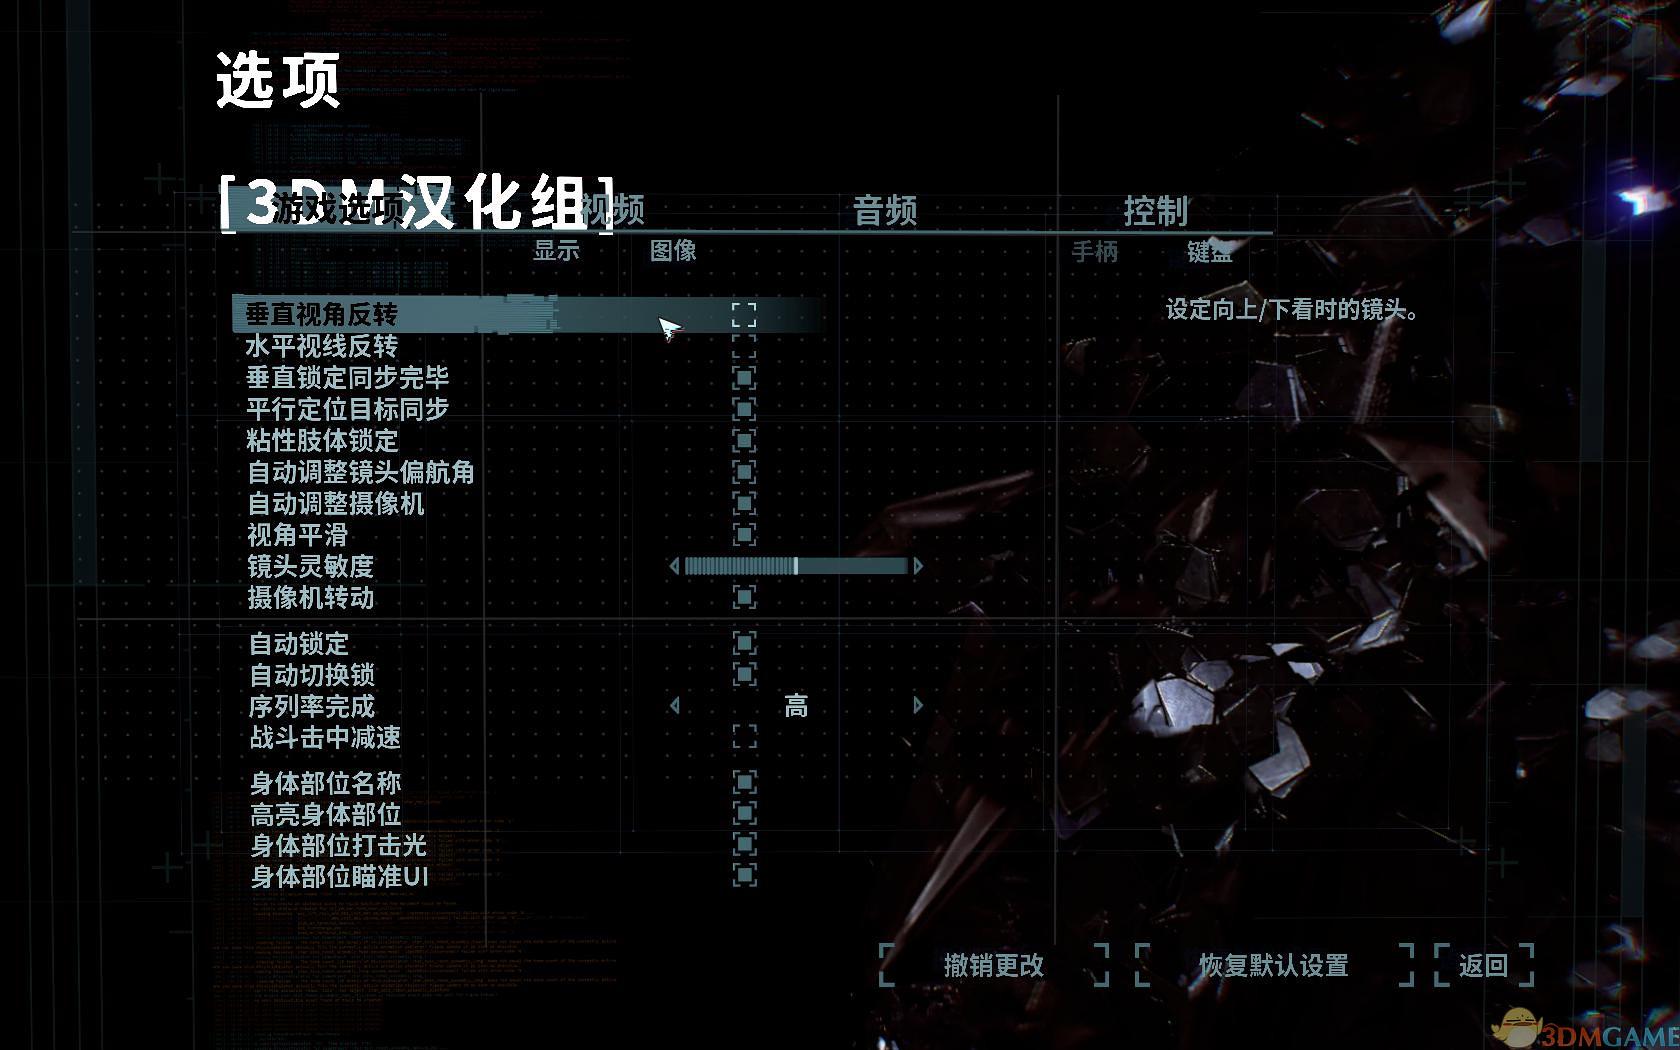 迸发 1号升级档+未加密补丁[3DM]